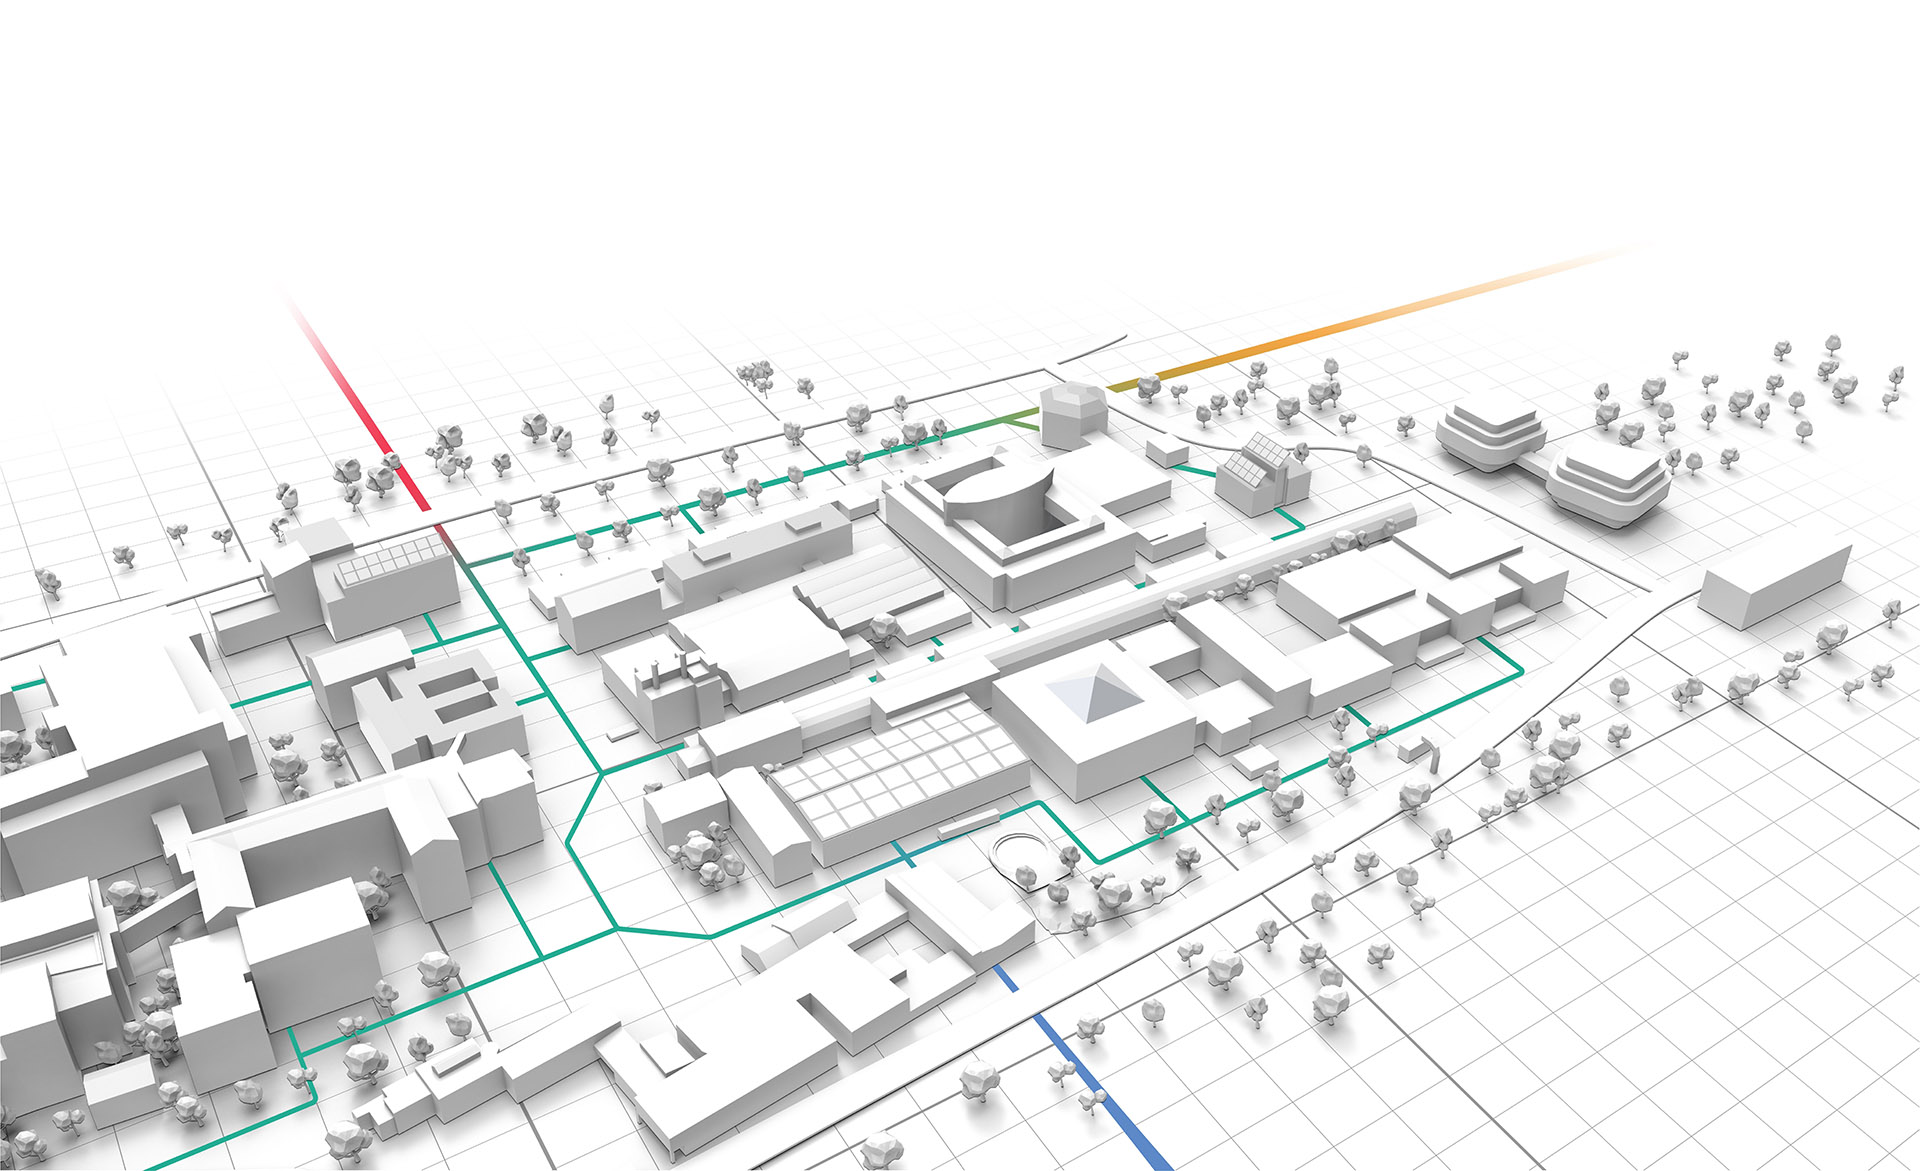 Vlsktt lgenhet i centrala Gteborg - Apartments for Rent in